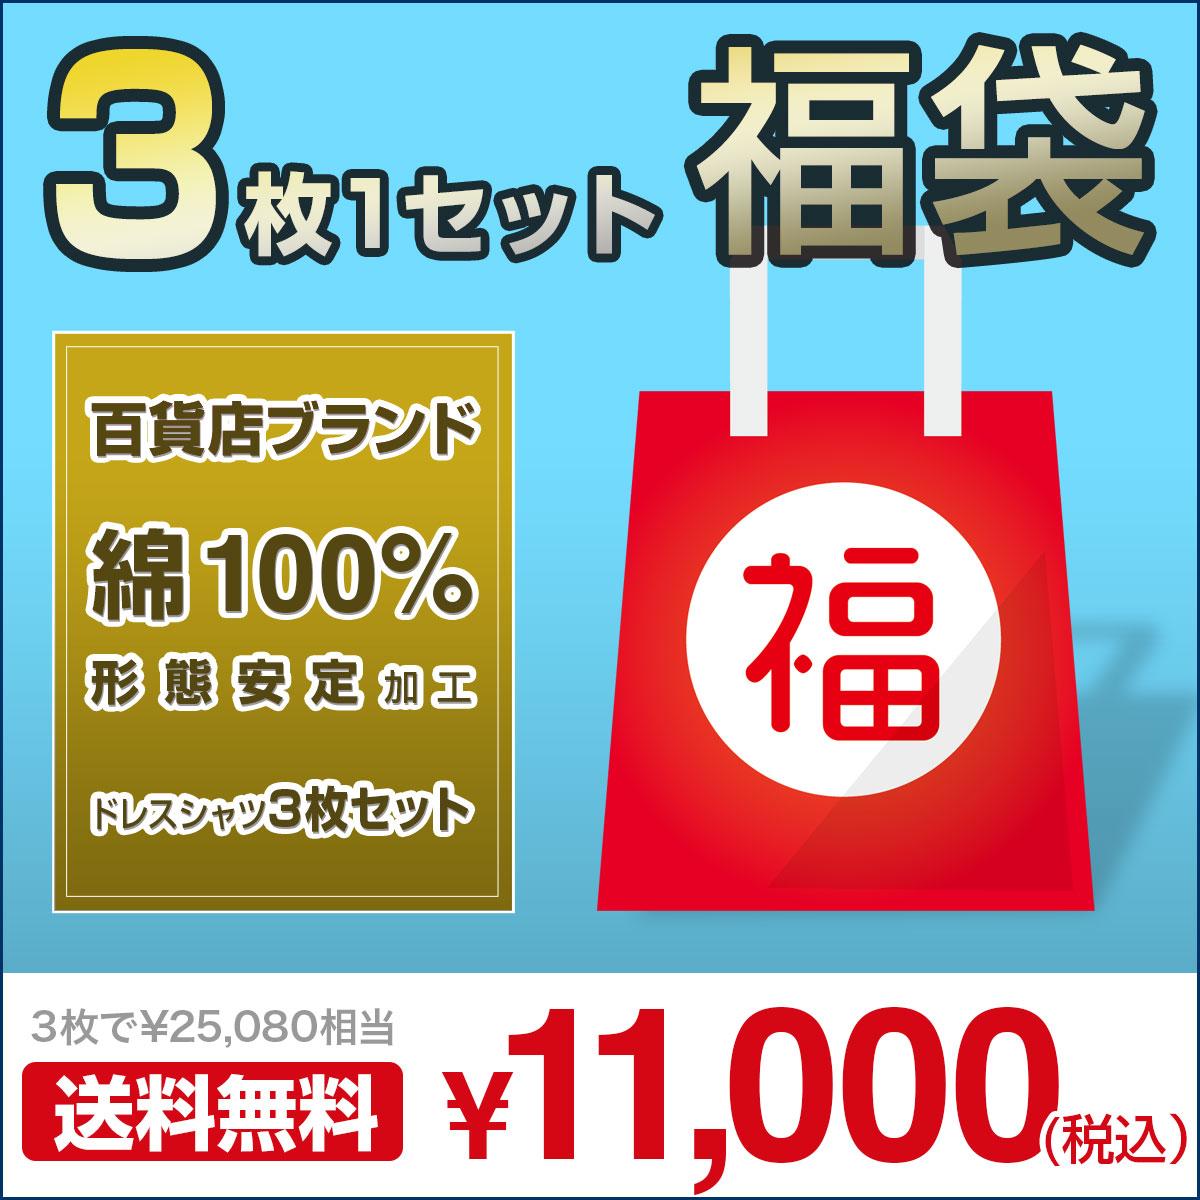 ブランドシャツ3枚入り福袋 長袖 形態安定 綿100% 百貨店ブランド ドレスシャツ 3枚セット(zod992-100)